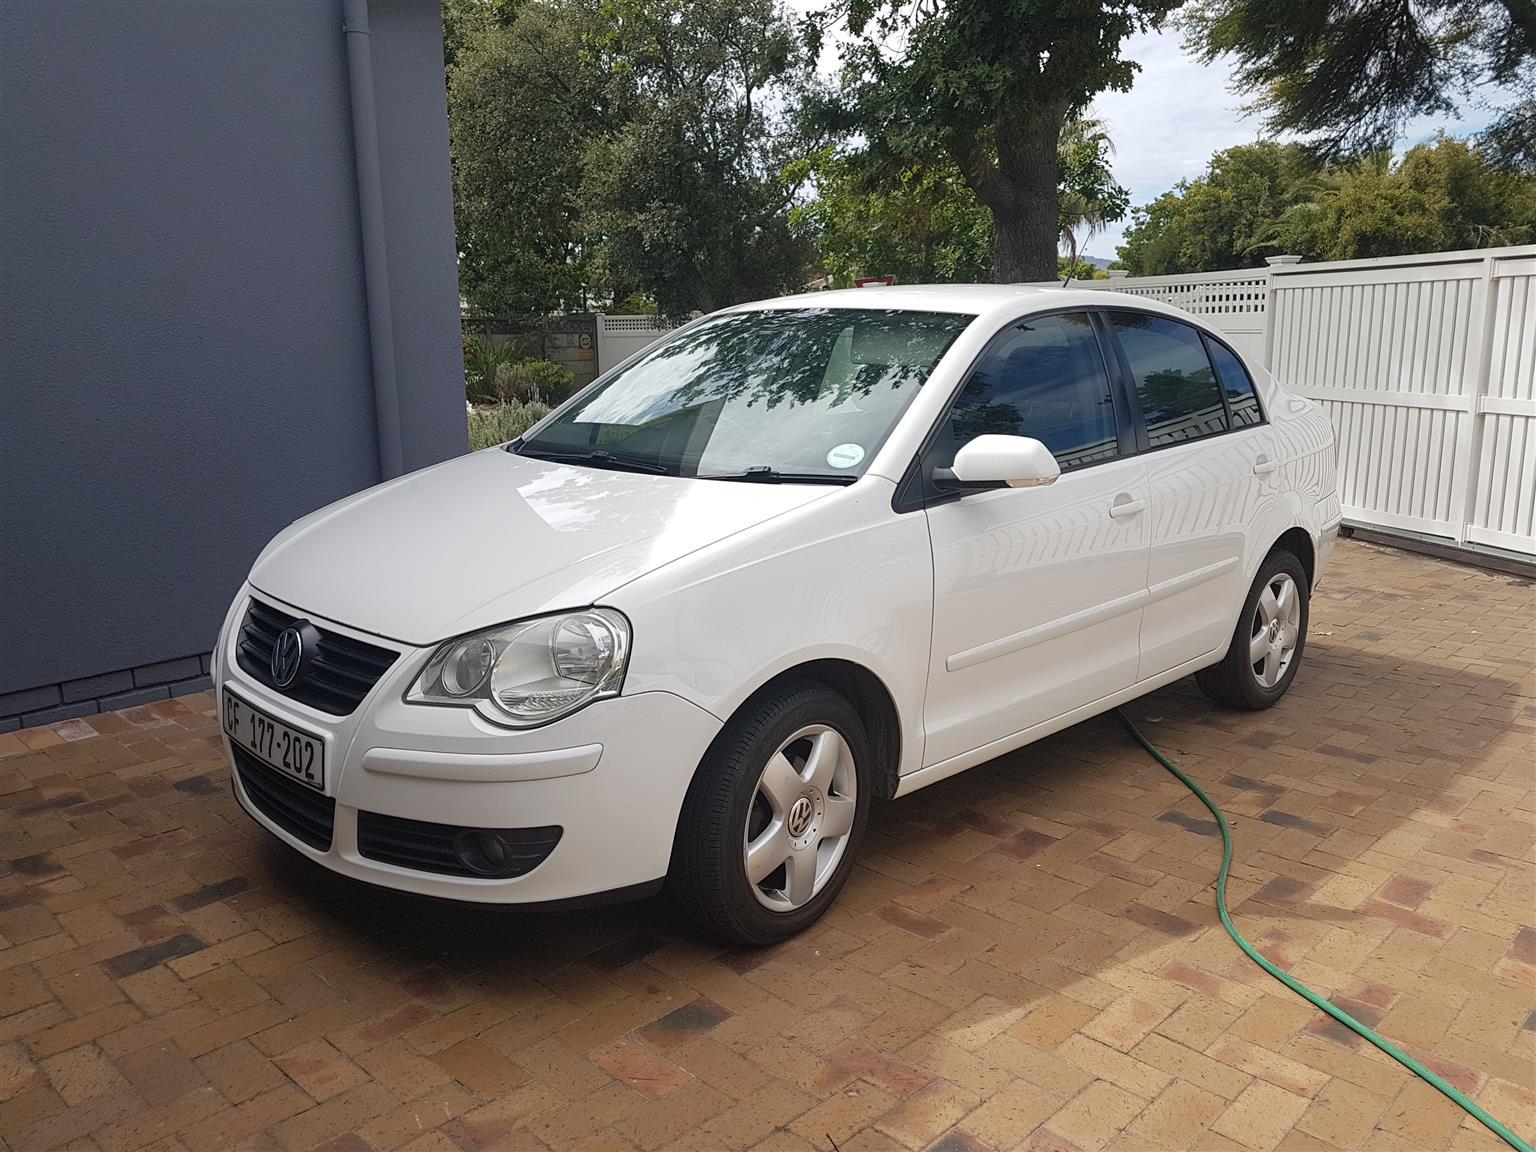 Polo Vivo 1.4 For Sale In Gauteng Olx | RLDM